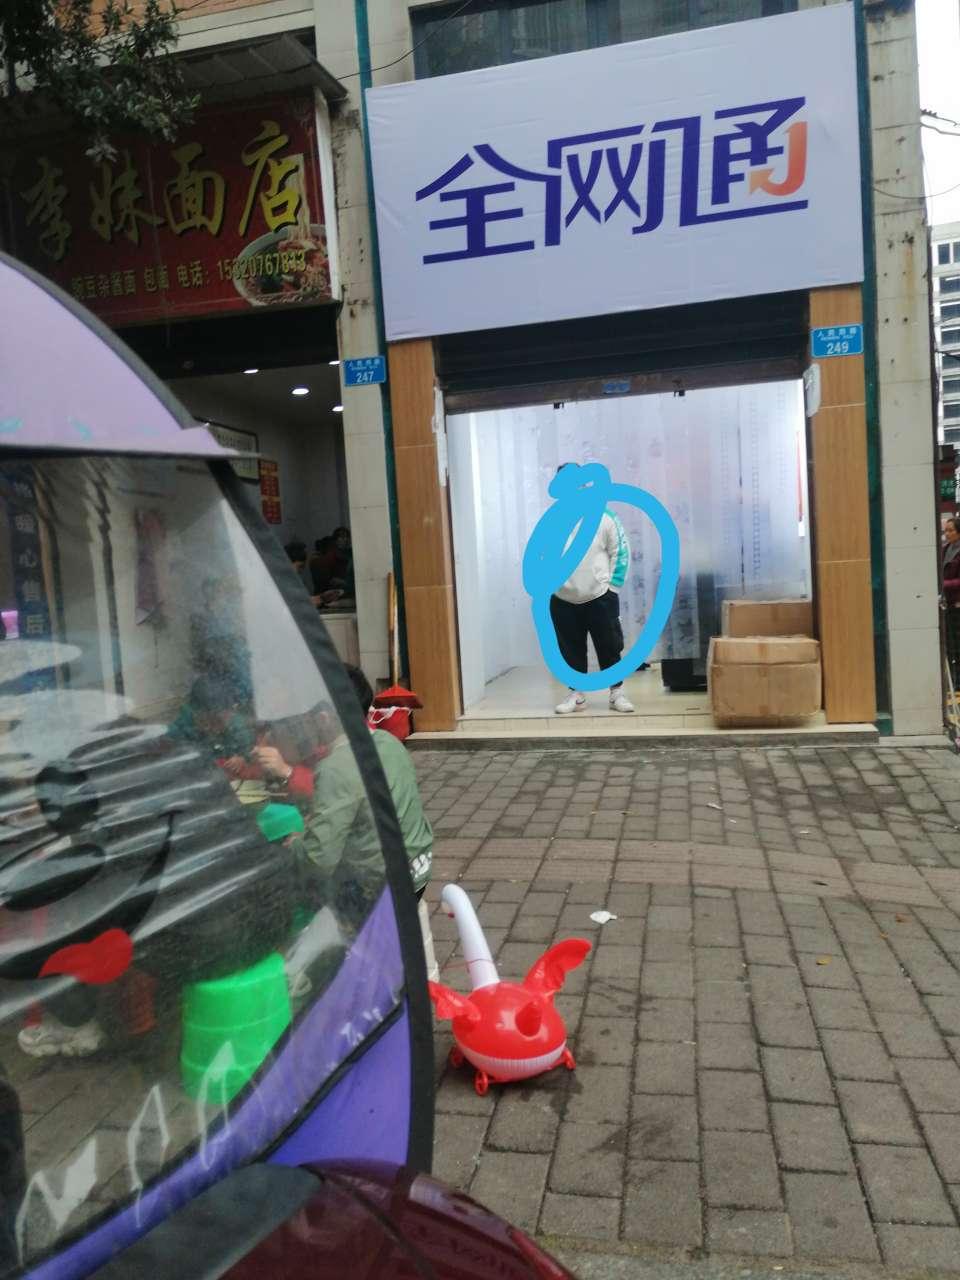 西池广场这里凭短信领锅,又一种新的推销方式